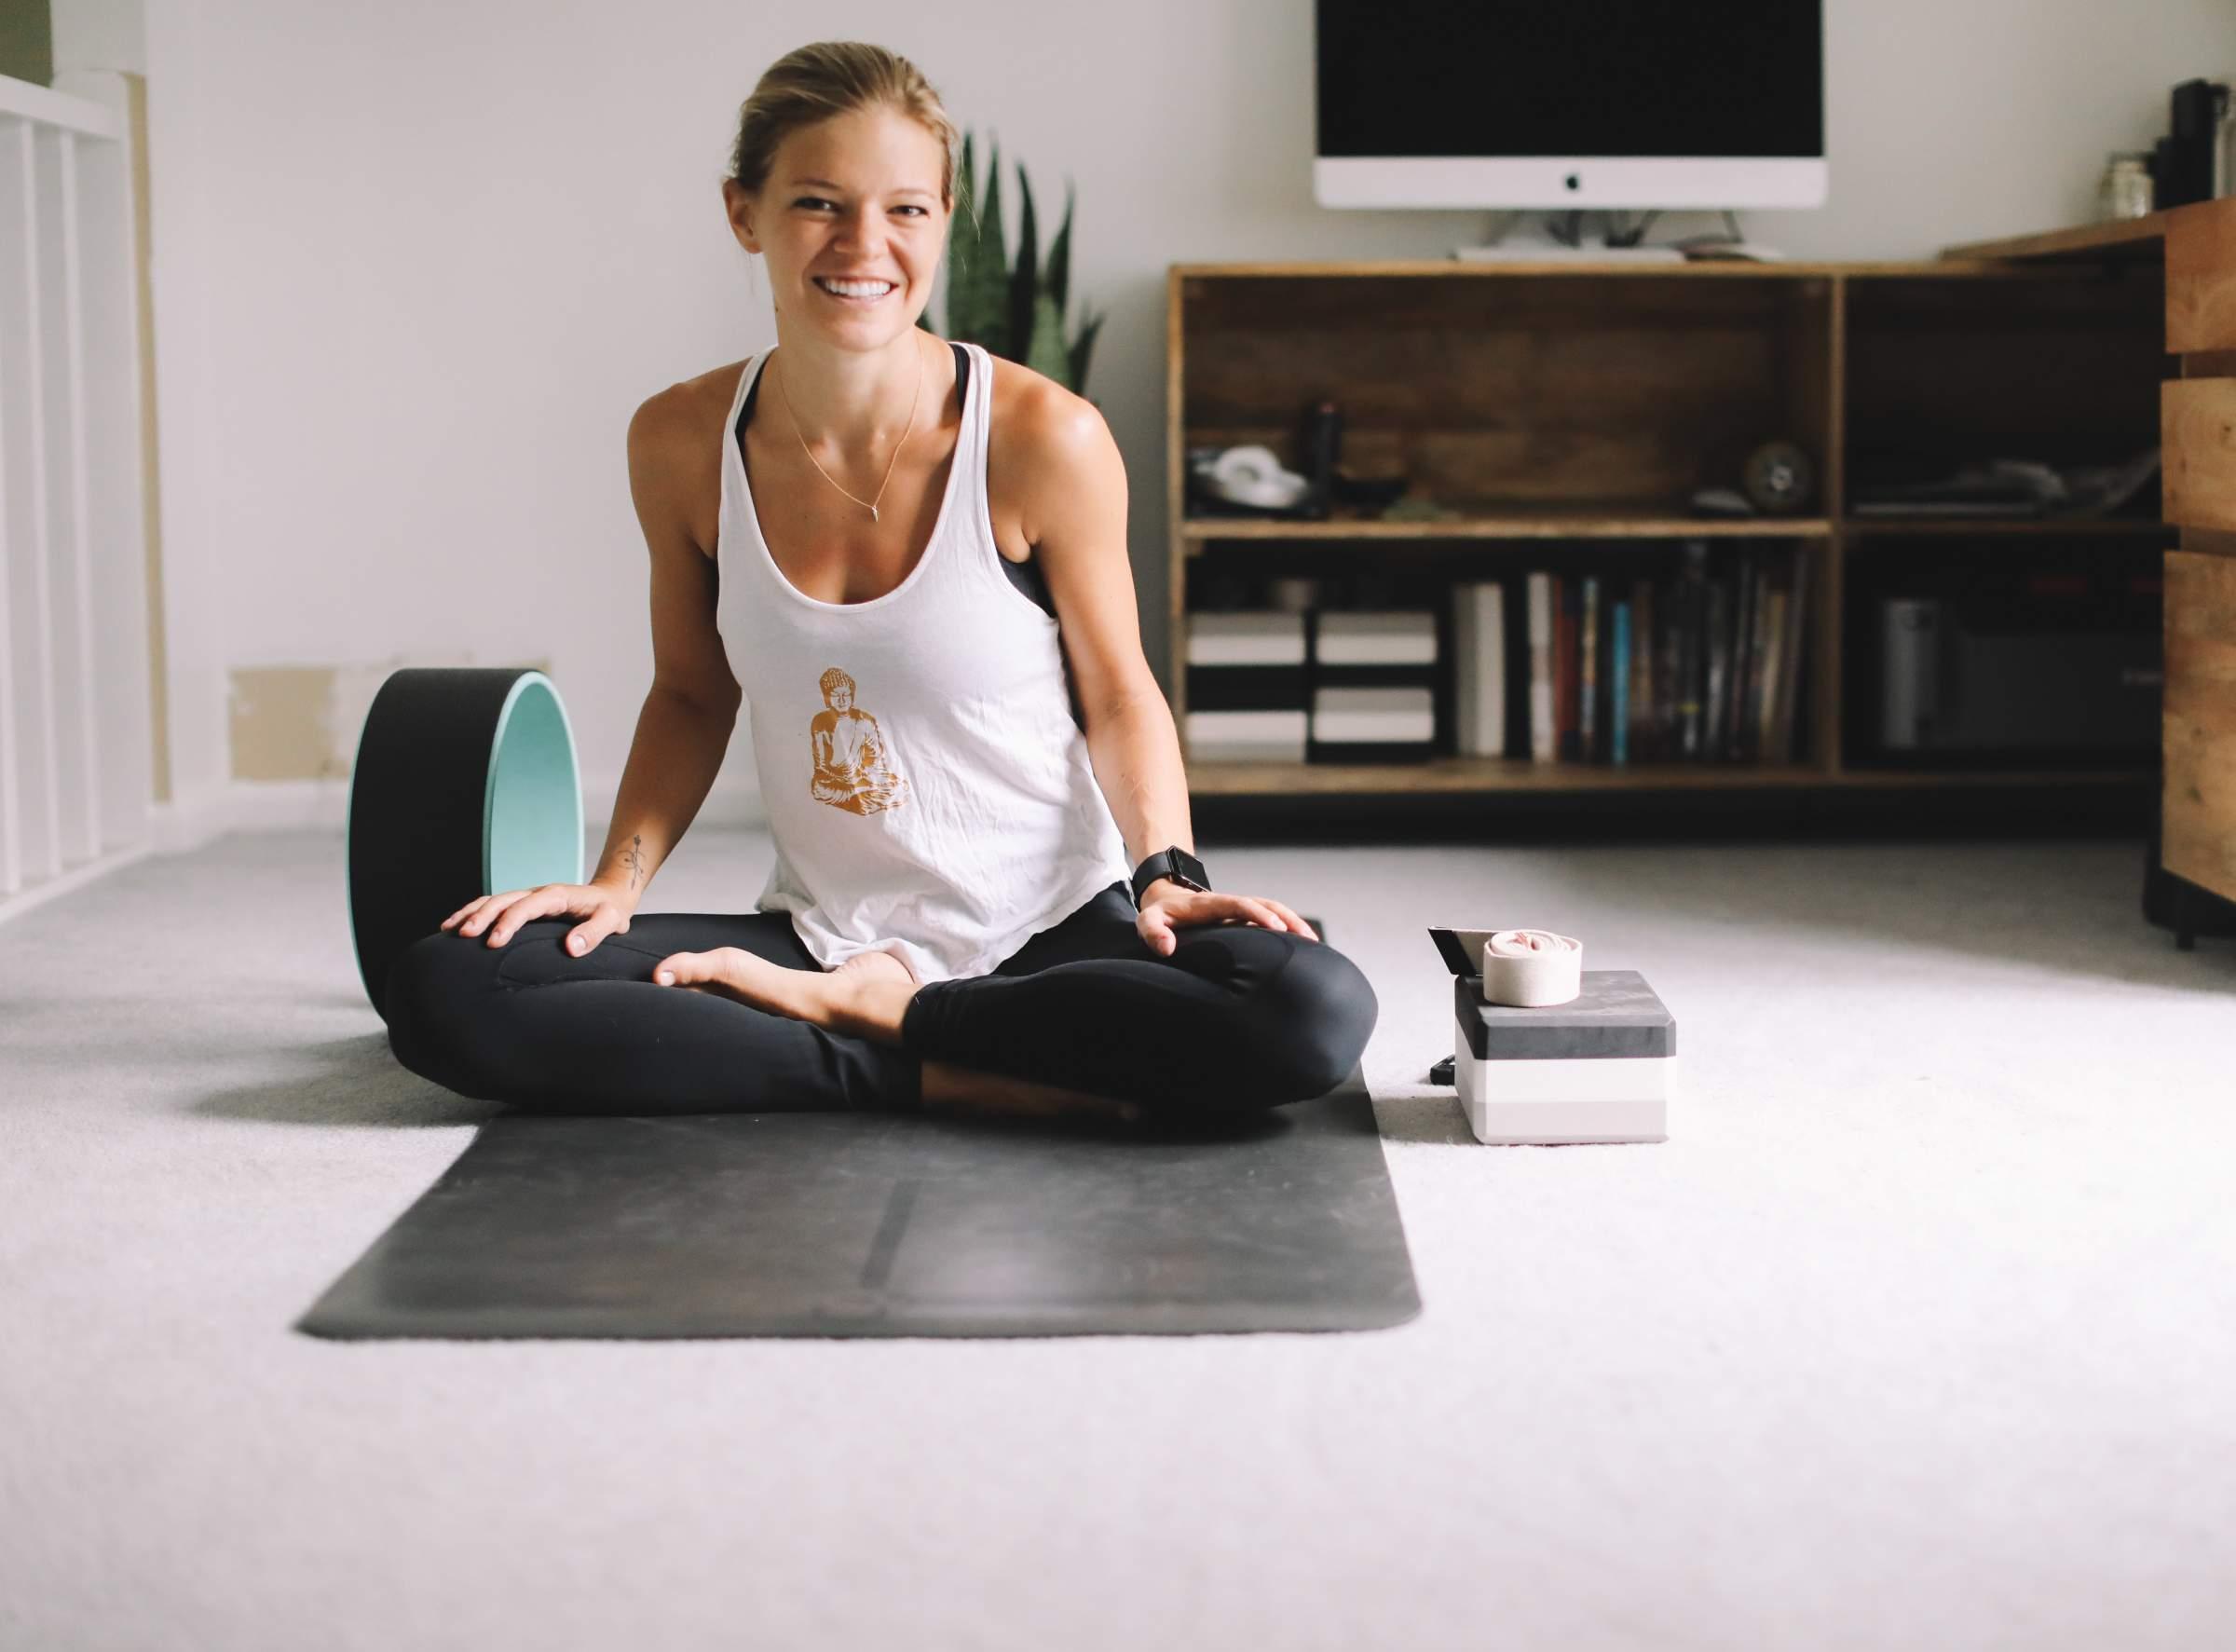 Бесплатные уроки по йоге, занятия с опытными преподавателями.